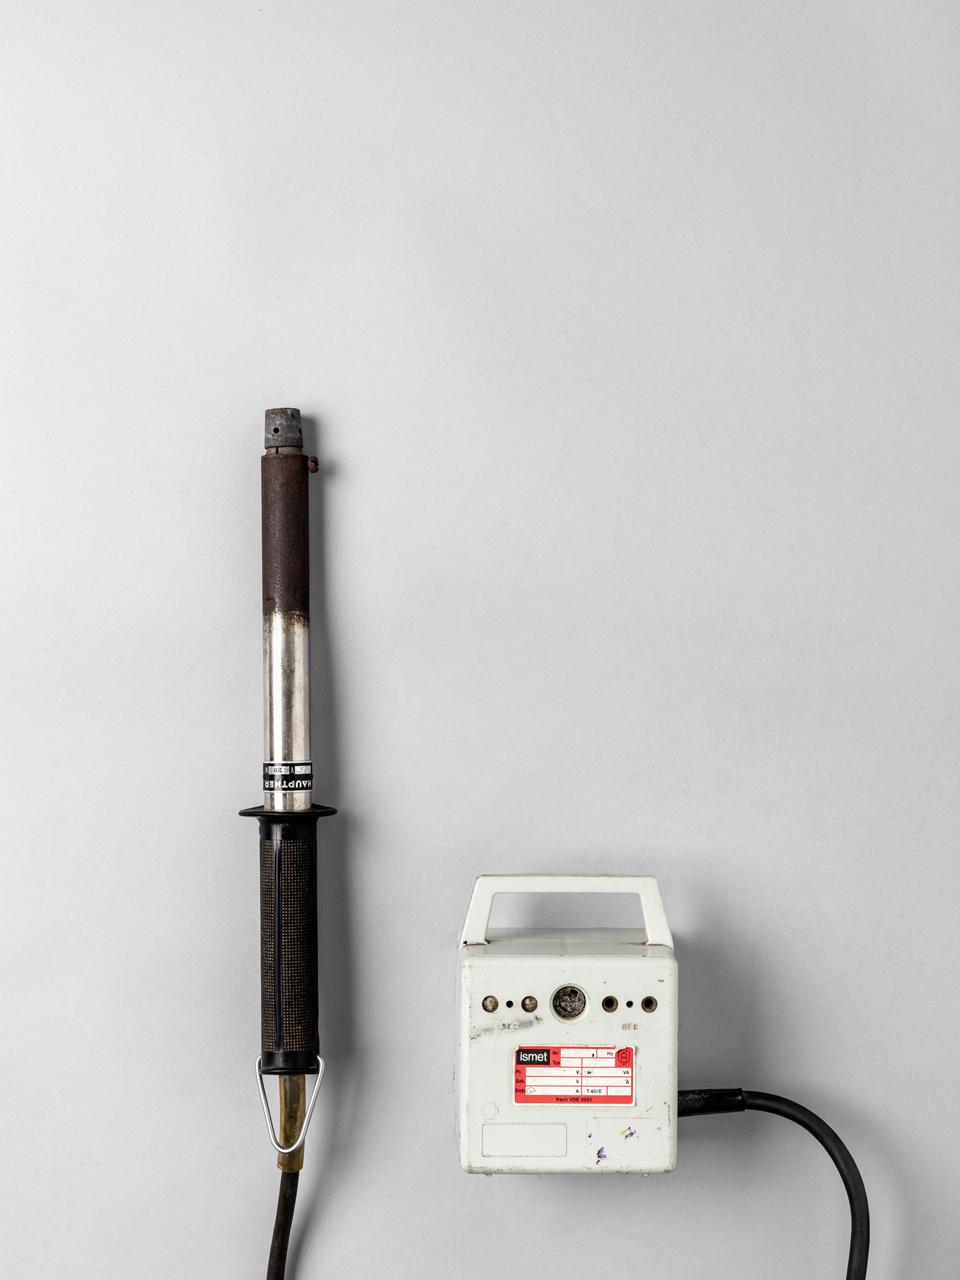 Enthornungsgerät  Der heiße Brennstab zerstört die Hornanlage. Er darf bei Kälbern unter sechs Wochen betäubungslos durchgeführt werden. Hornlose Rinder können in höheren Besatzdichten und engeren Stallstrukturen gehalten werden.